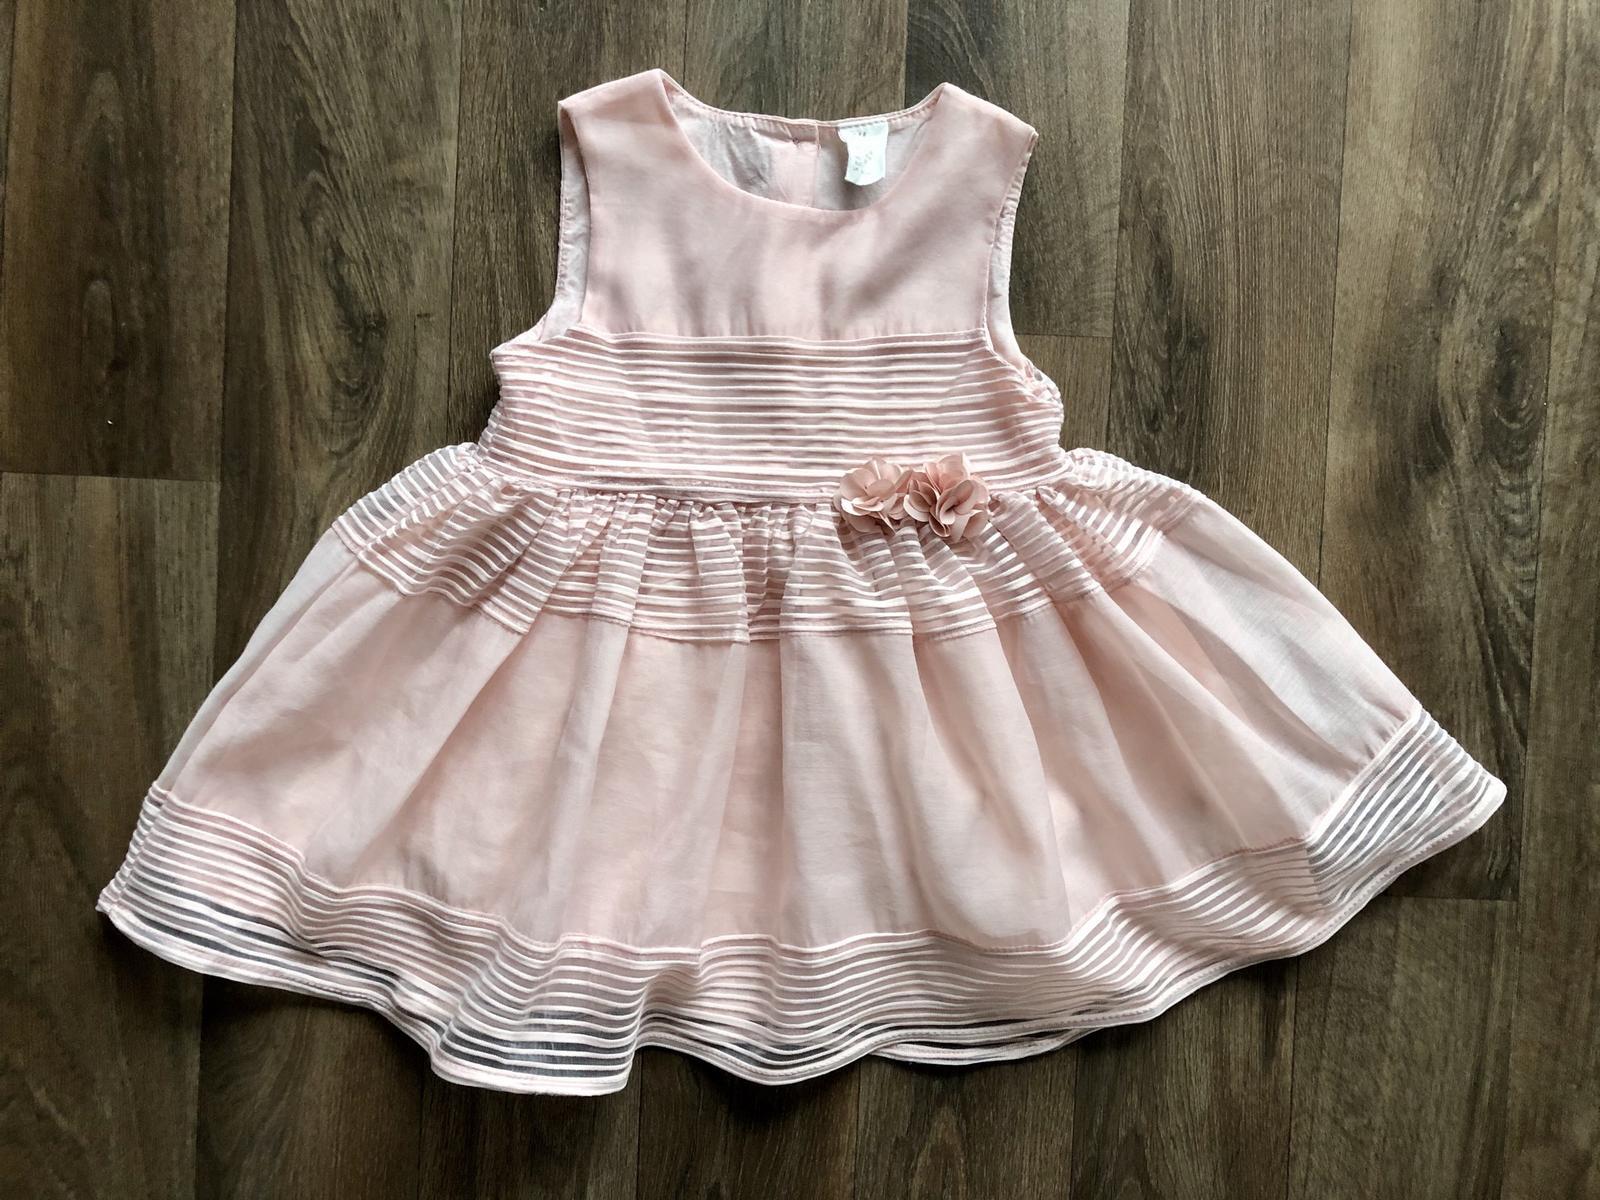 Šaty pro družičku vel. 80 (H&M) - Obrázek č. 1